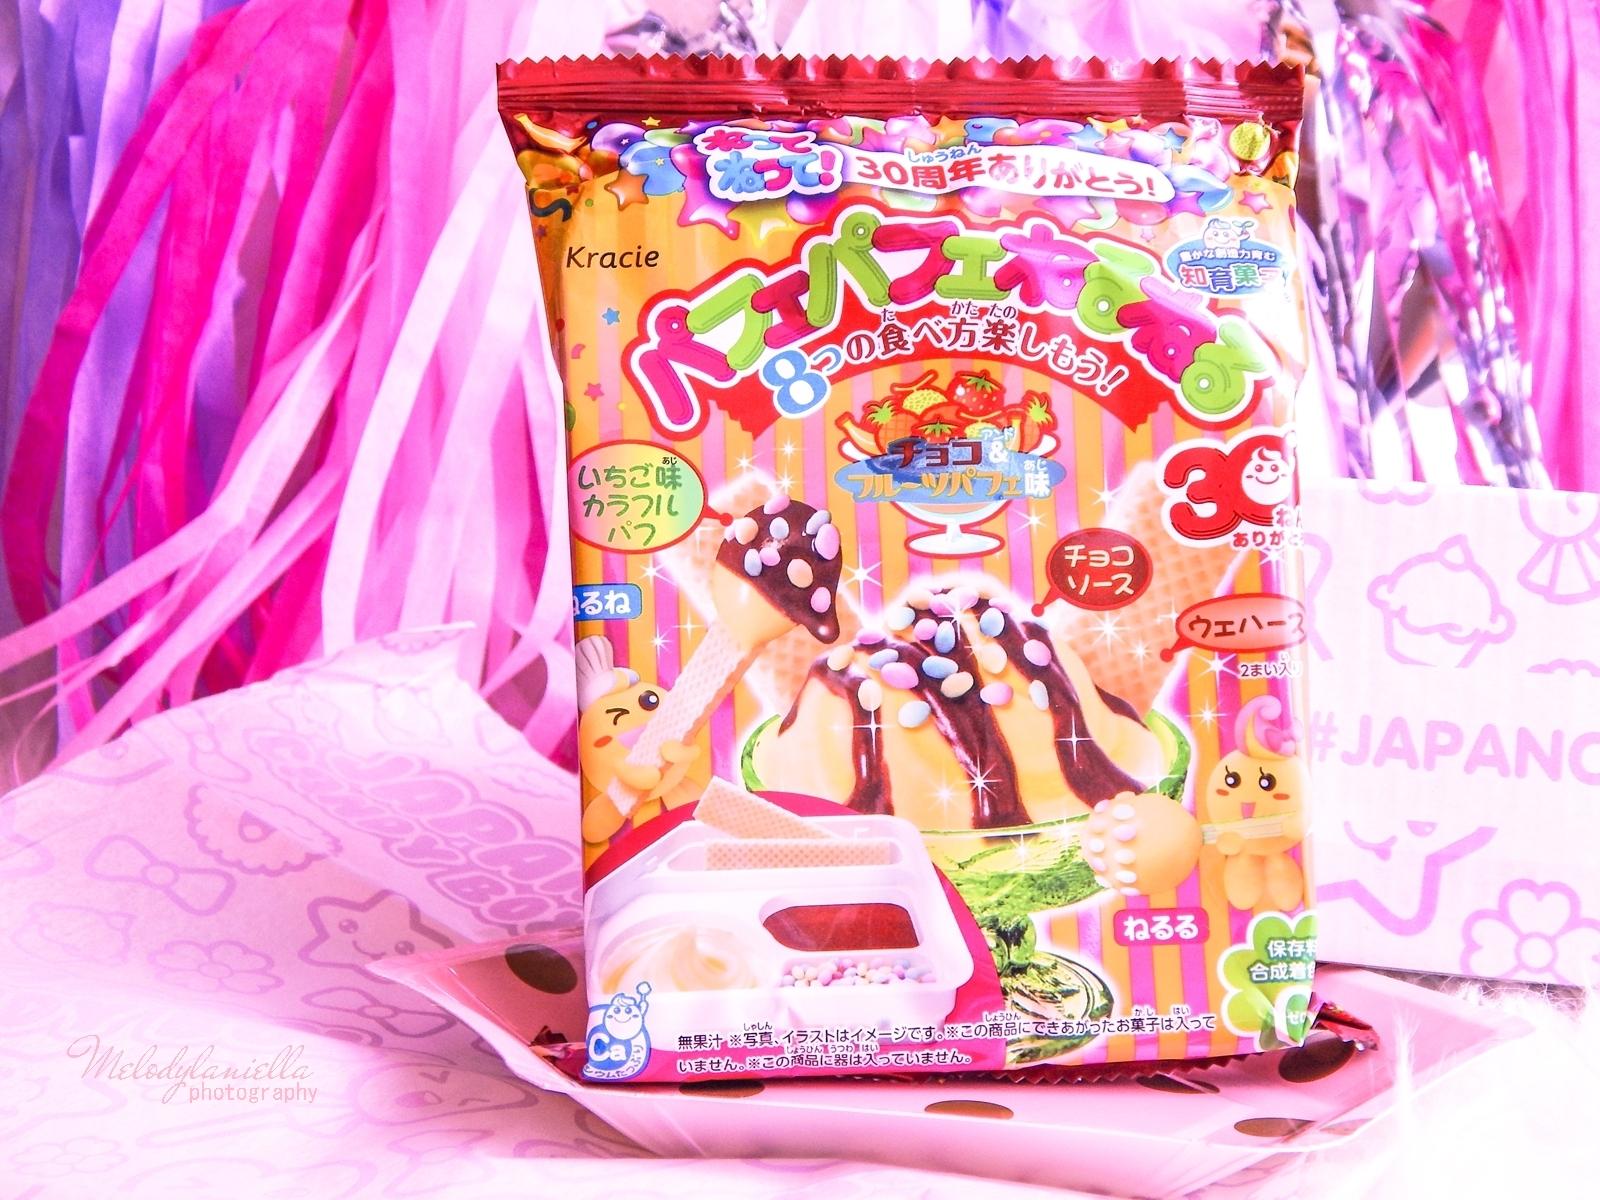 2 melodylaniella photography partybox japan candy box pudełko słodkości z japonii azjatyckie słodycze ciekawe jedzenie z japonii cukierki z azji boxy z jedzeniem kracie parfait neruneru DIY candy kit